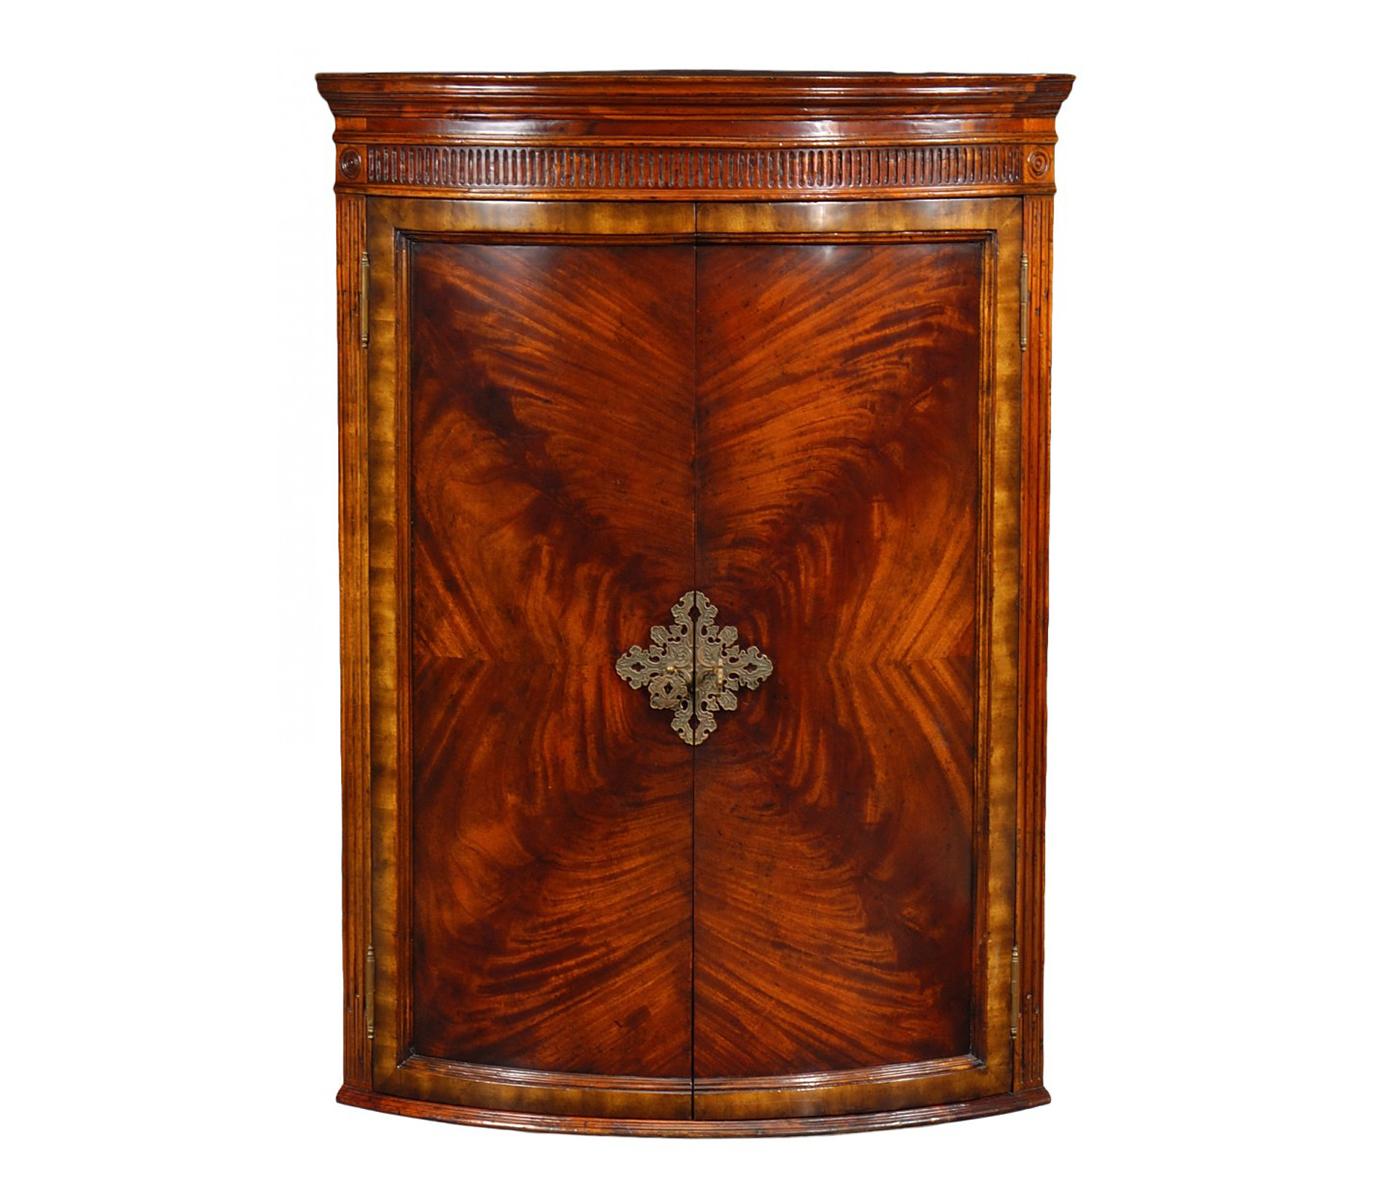 Hanging Semi Circular Mahogany Cabinet